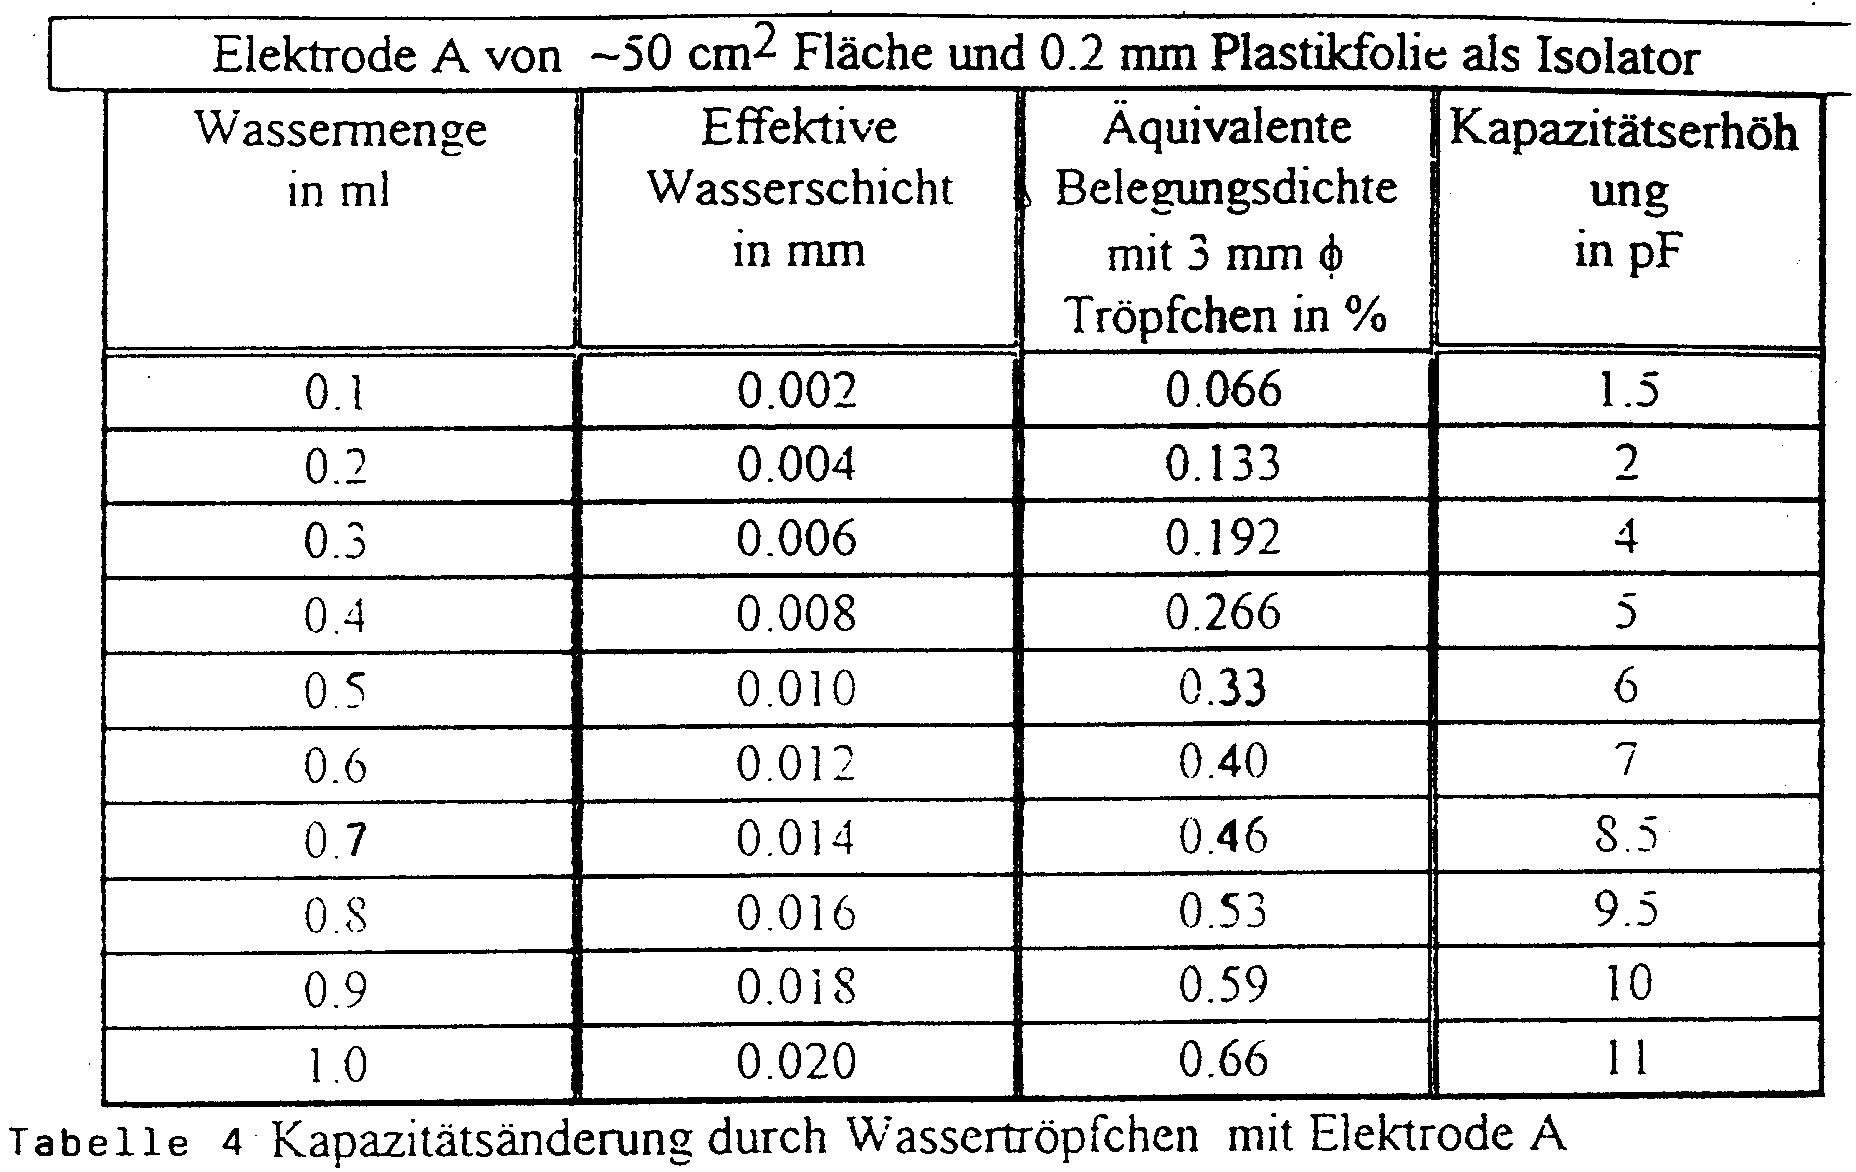 Niedlich 10 Awg Drahtdurchmesser Bilder - Elektrische Schaltplan ...